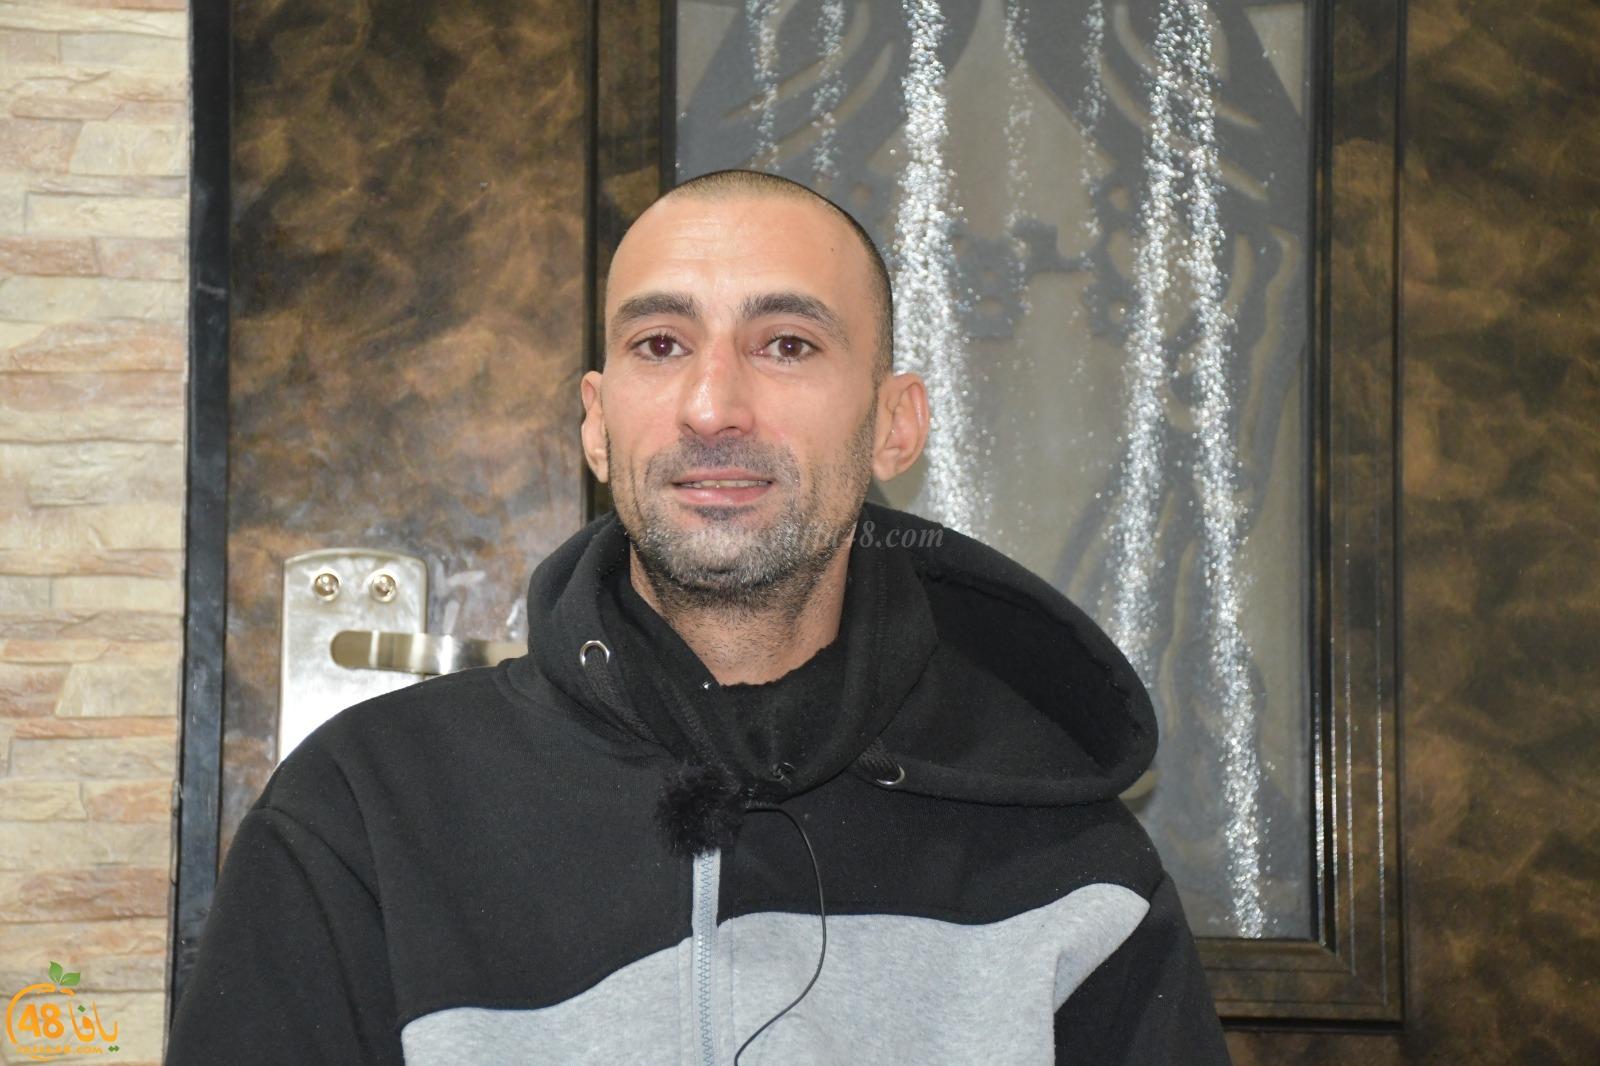 سابقة بيافا: العميدار يخسر قضية اخلاء ويدفع مخالفة بقيمة 35 ألف شيكل